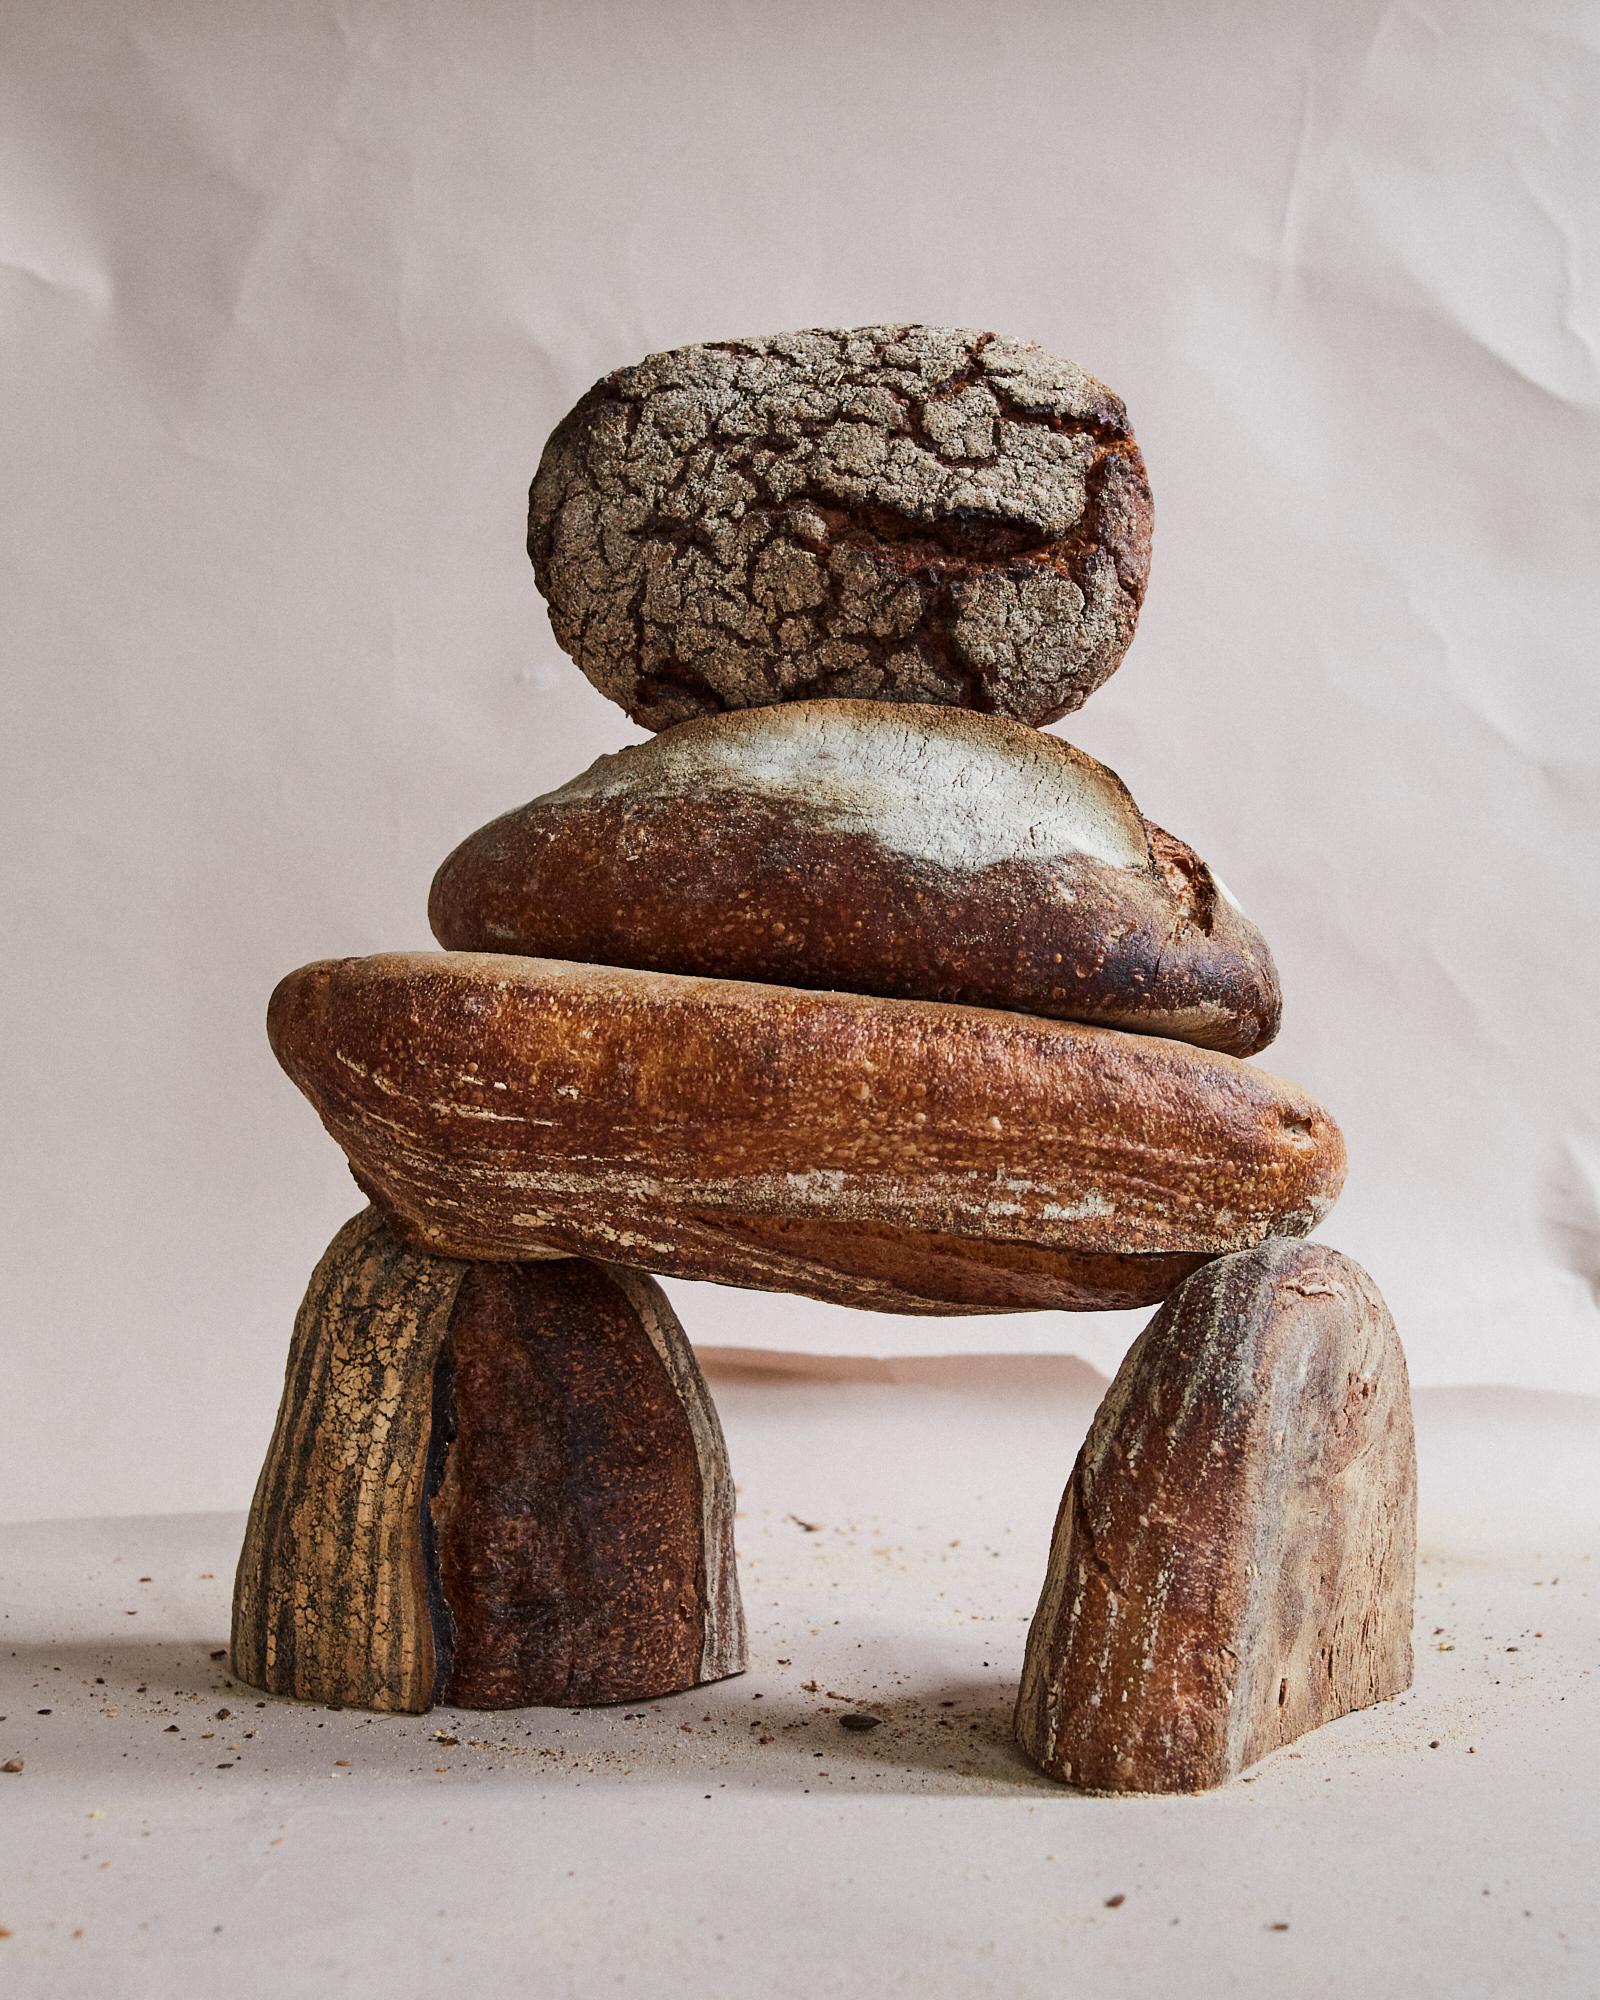 20200418_Bread4559-1